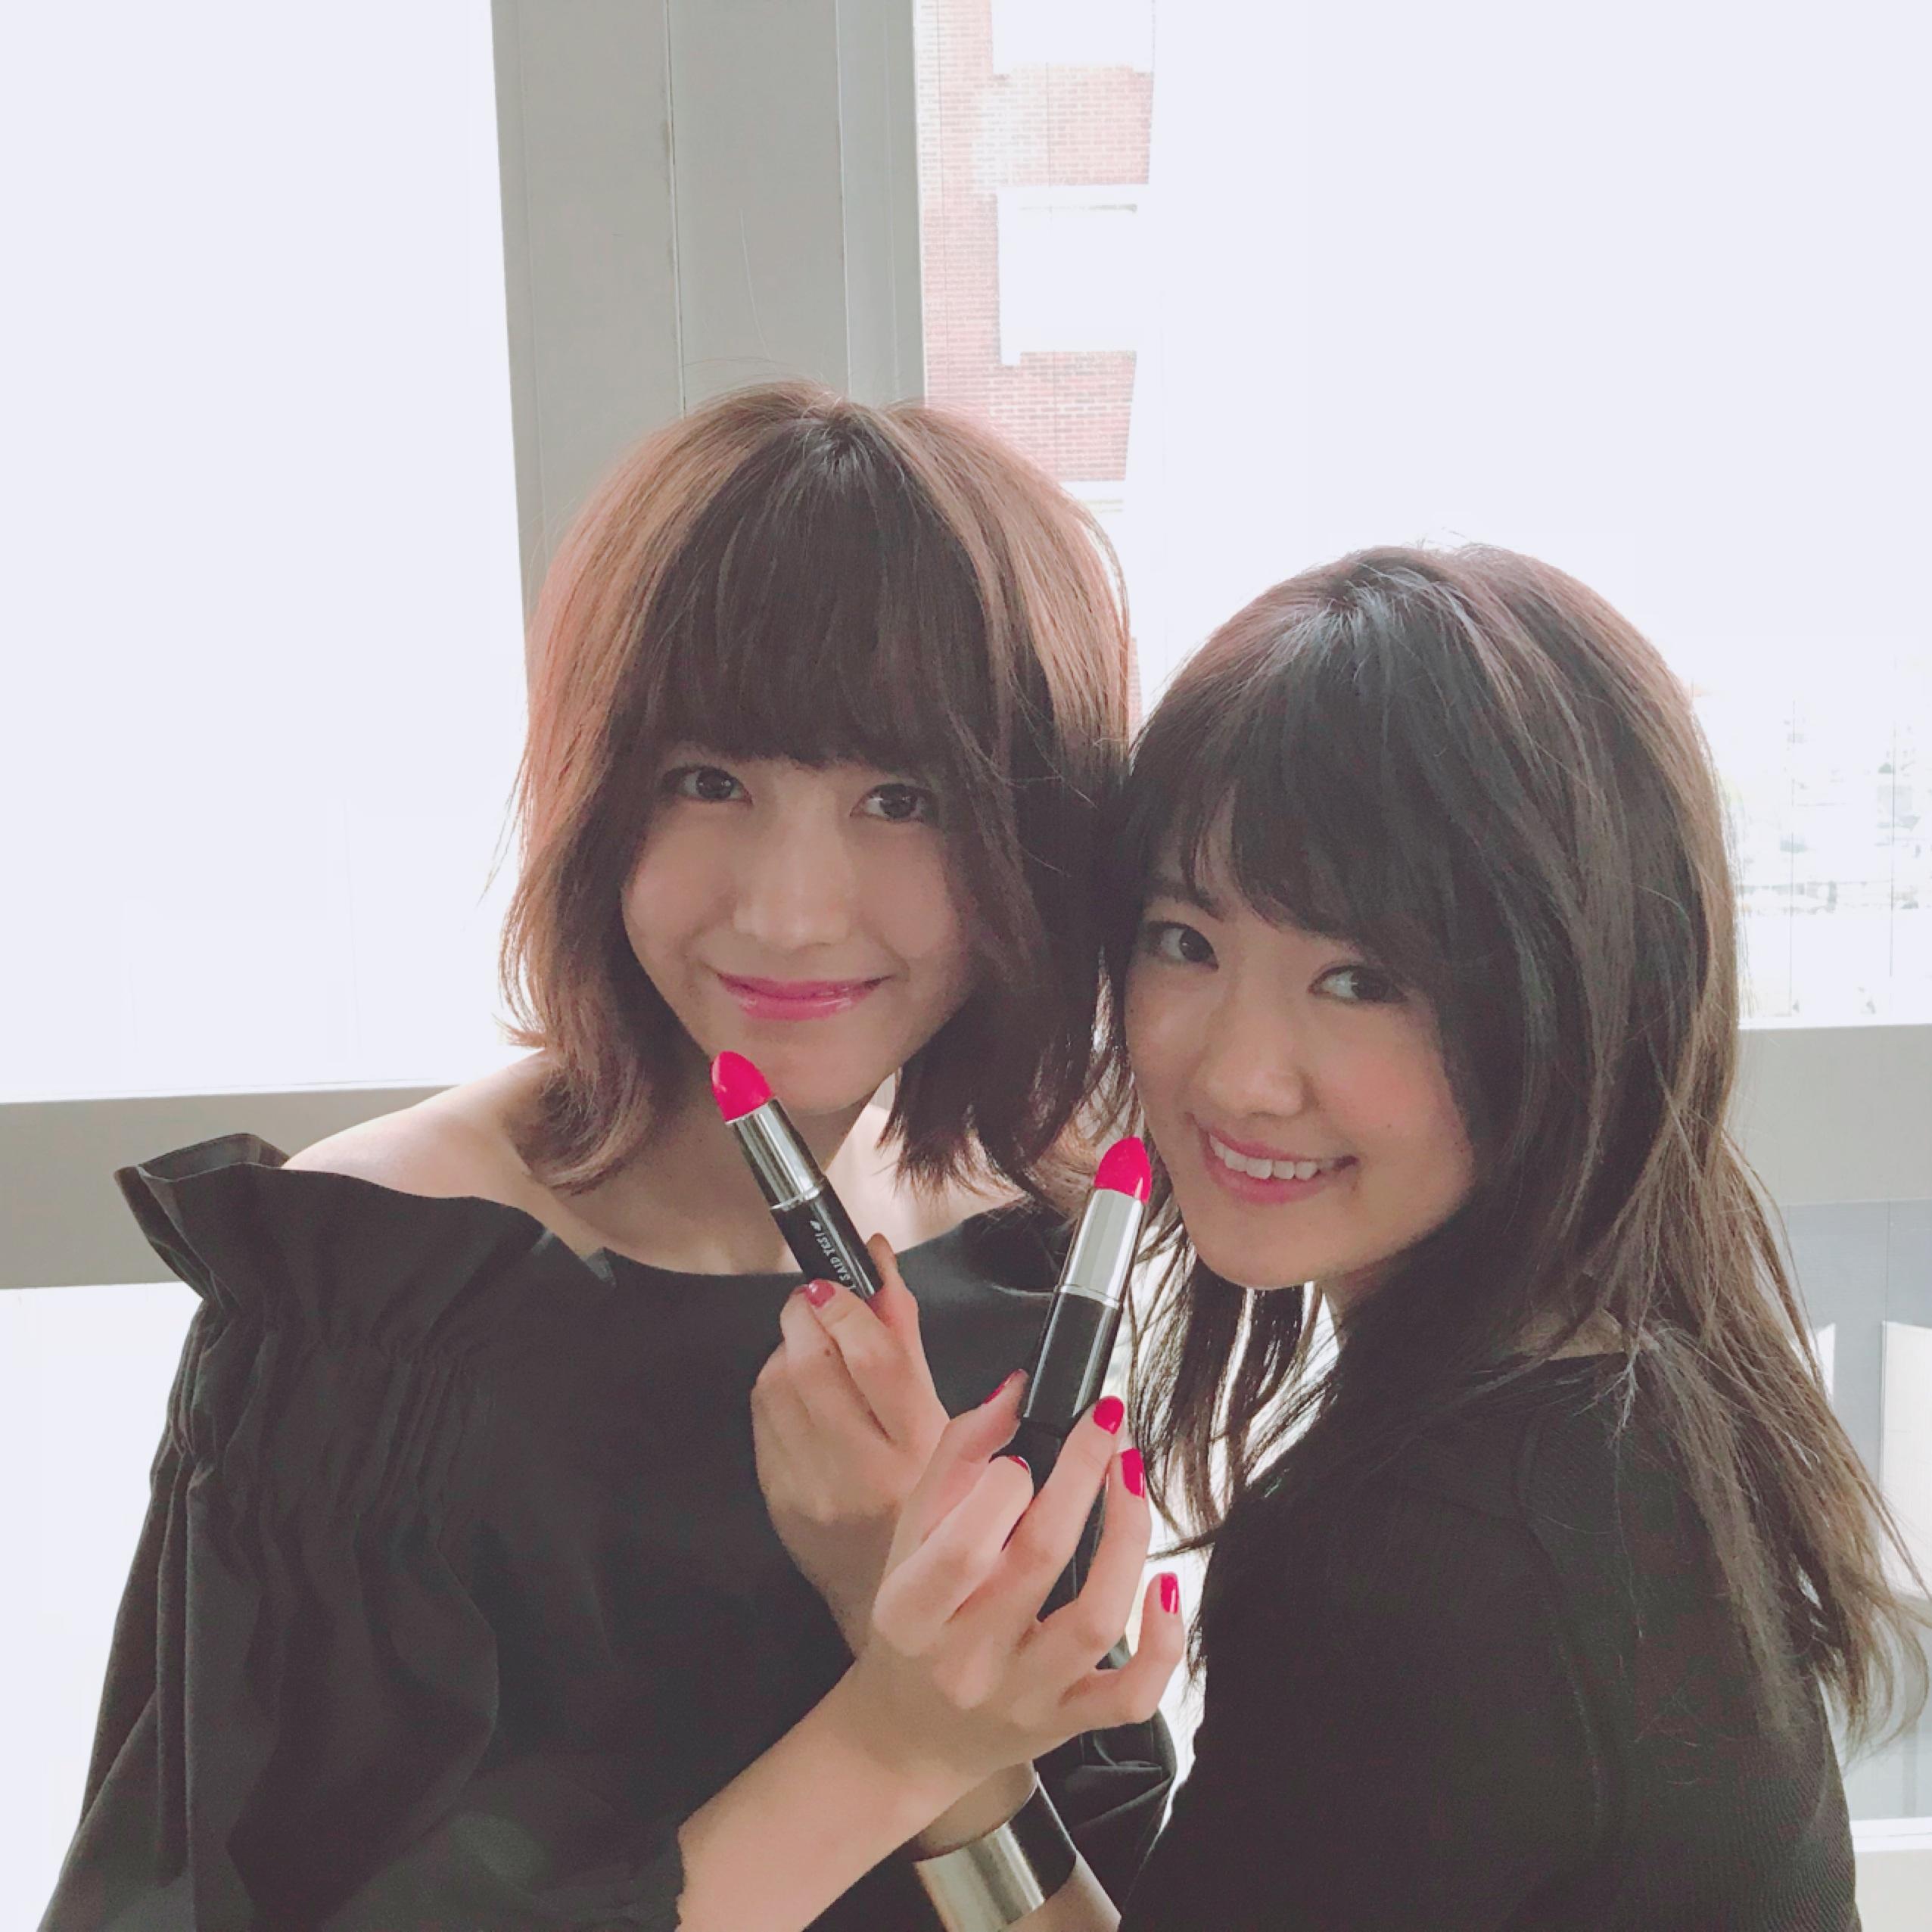 【乃木坂46ひなちま・欅坂46土生ちゃん】JJモデルデビューへの道3